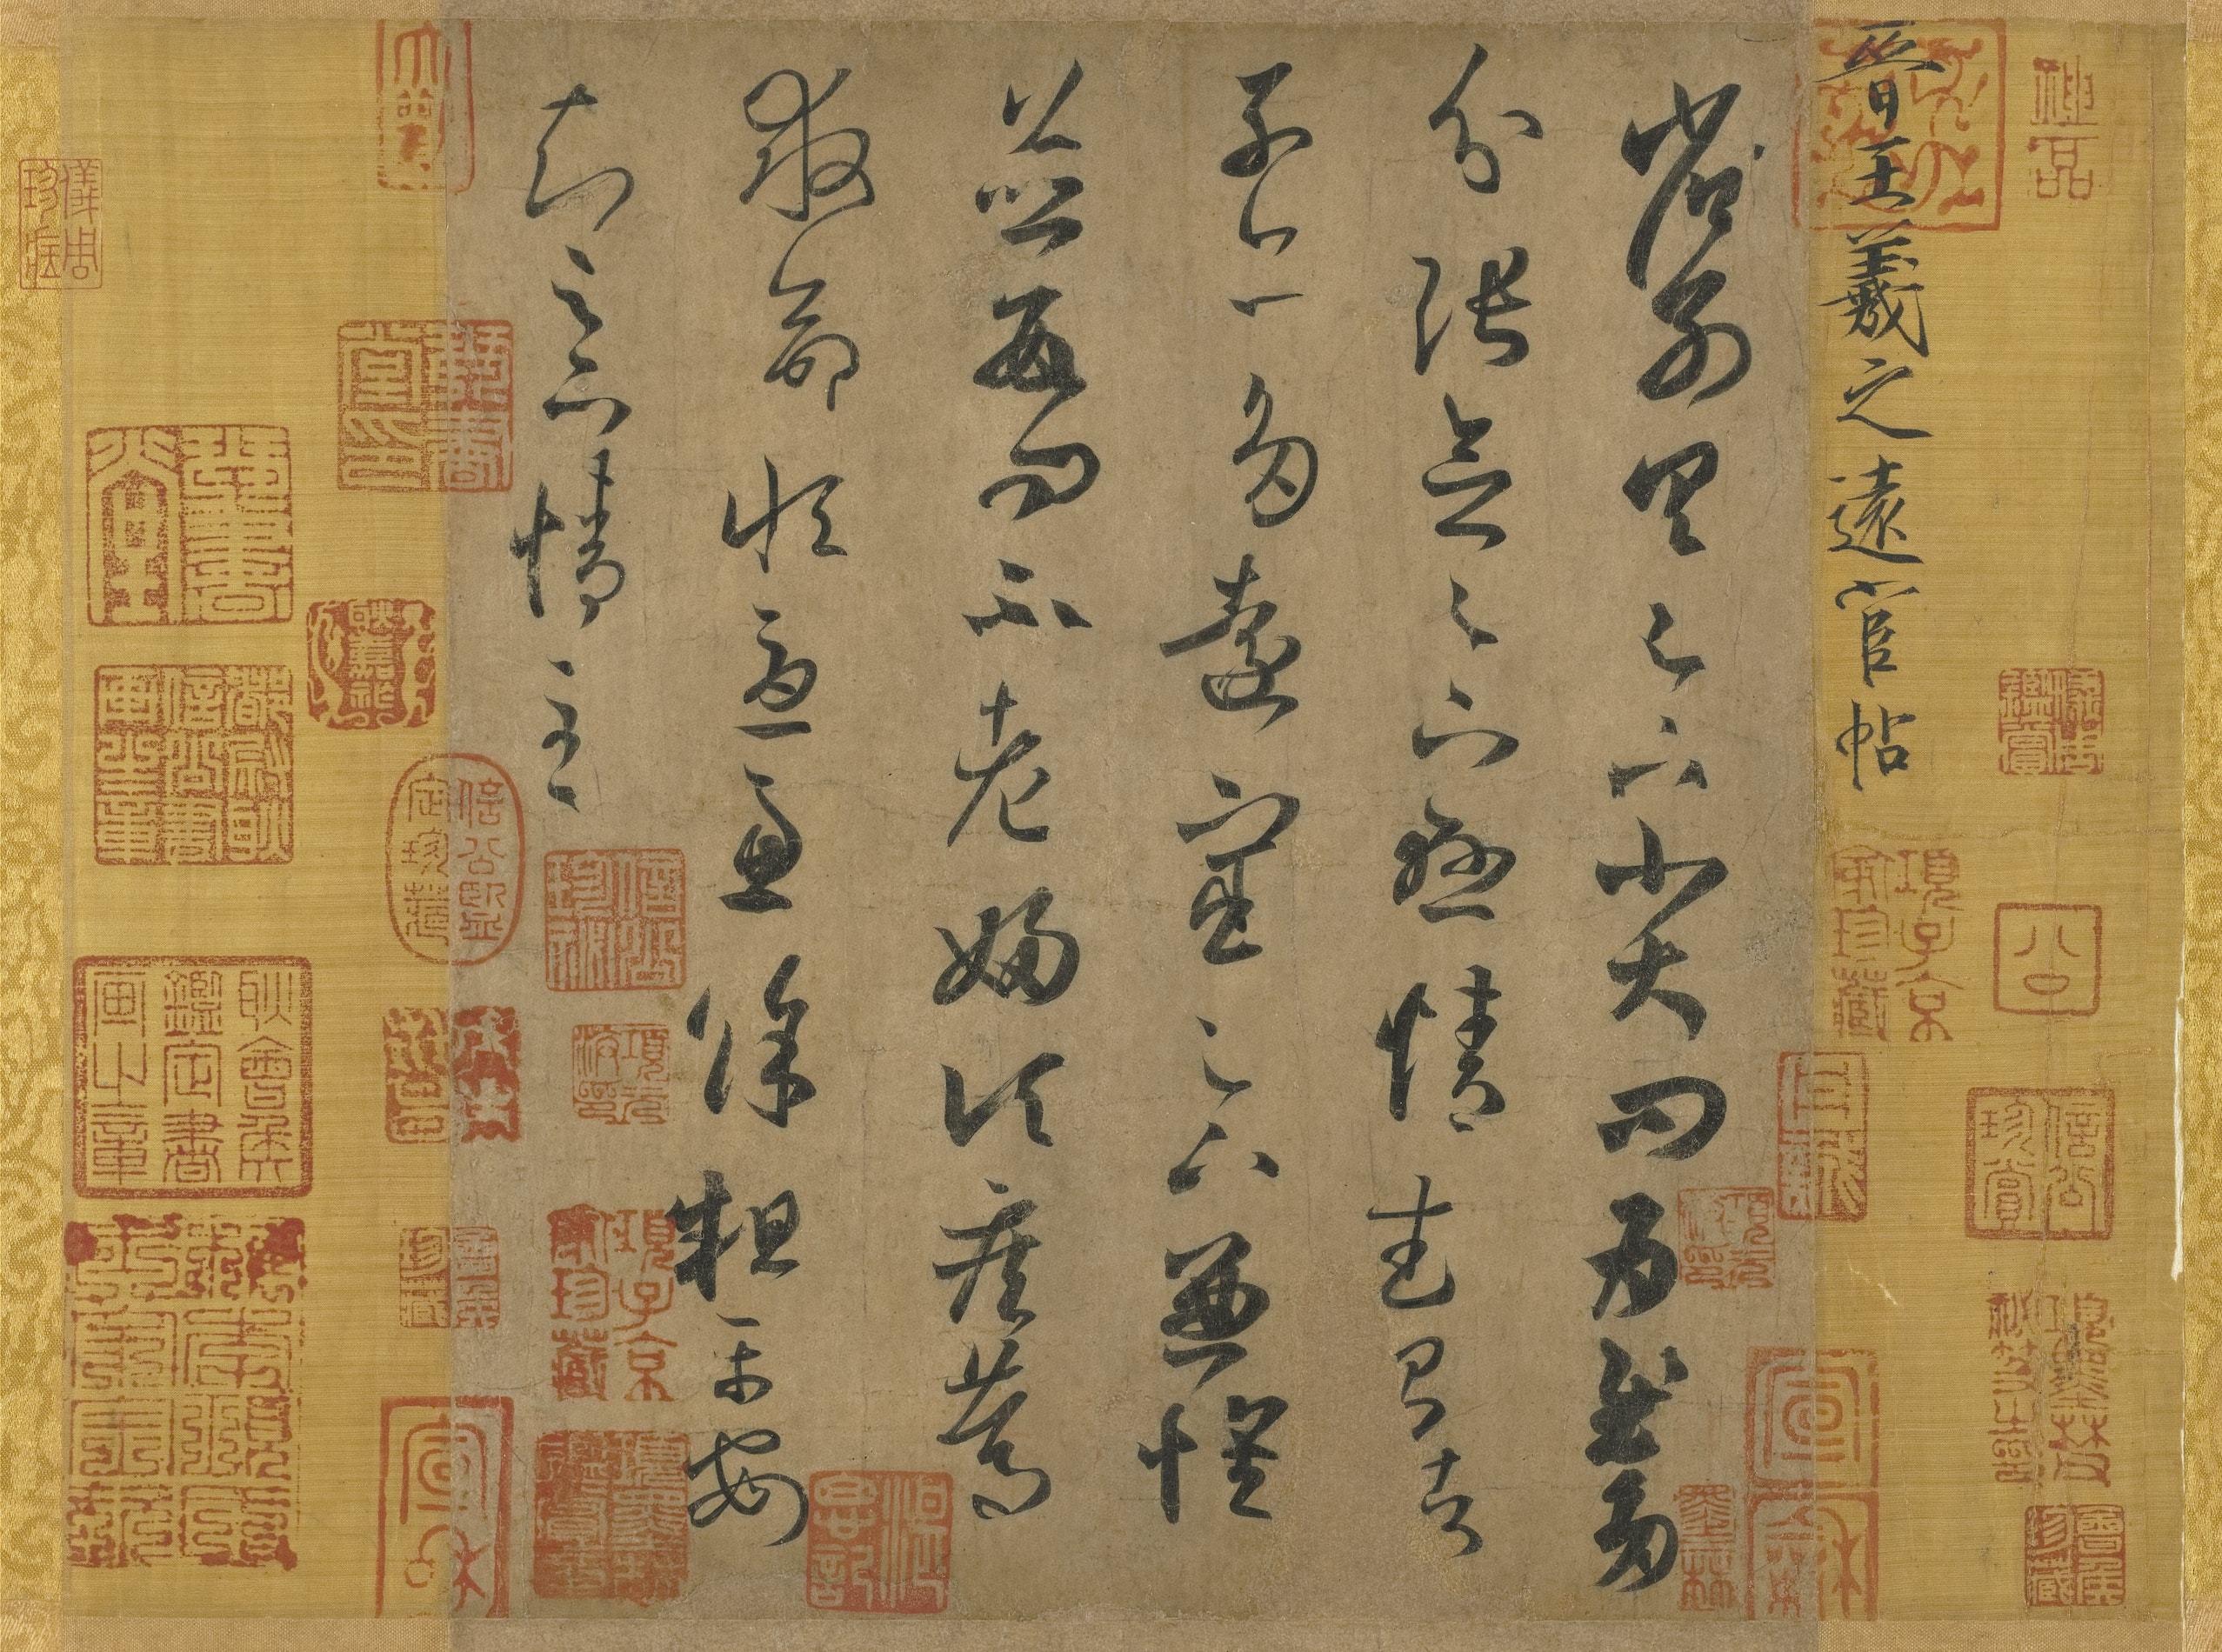 台北故宫博物院书法精品欣赏